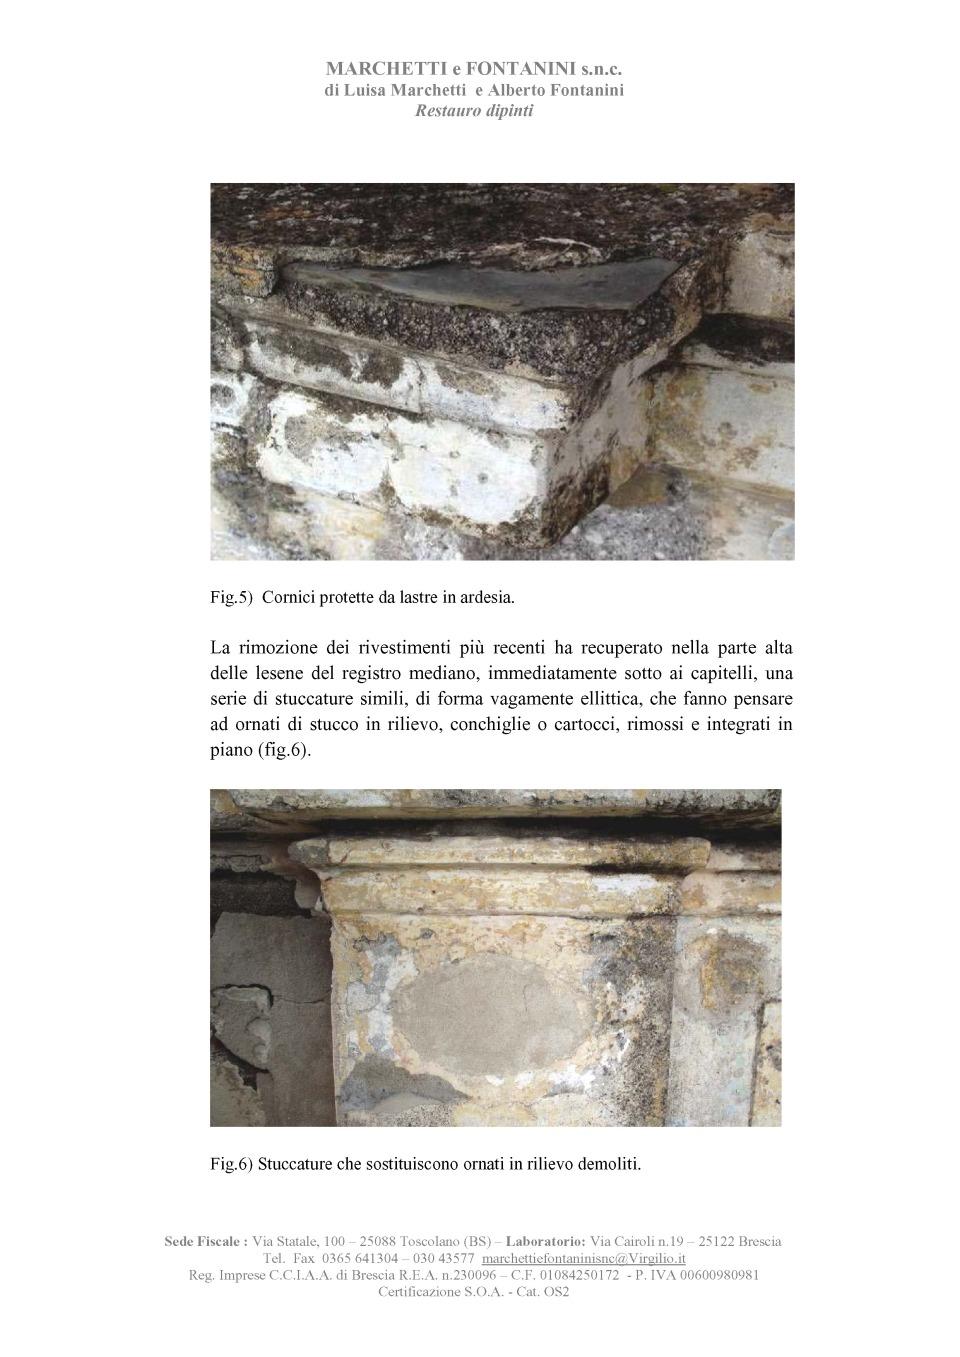 Capraia Isola Facciata S Antonio Relazione finale I Fase Lavori(2) (1)_Page_06